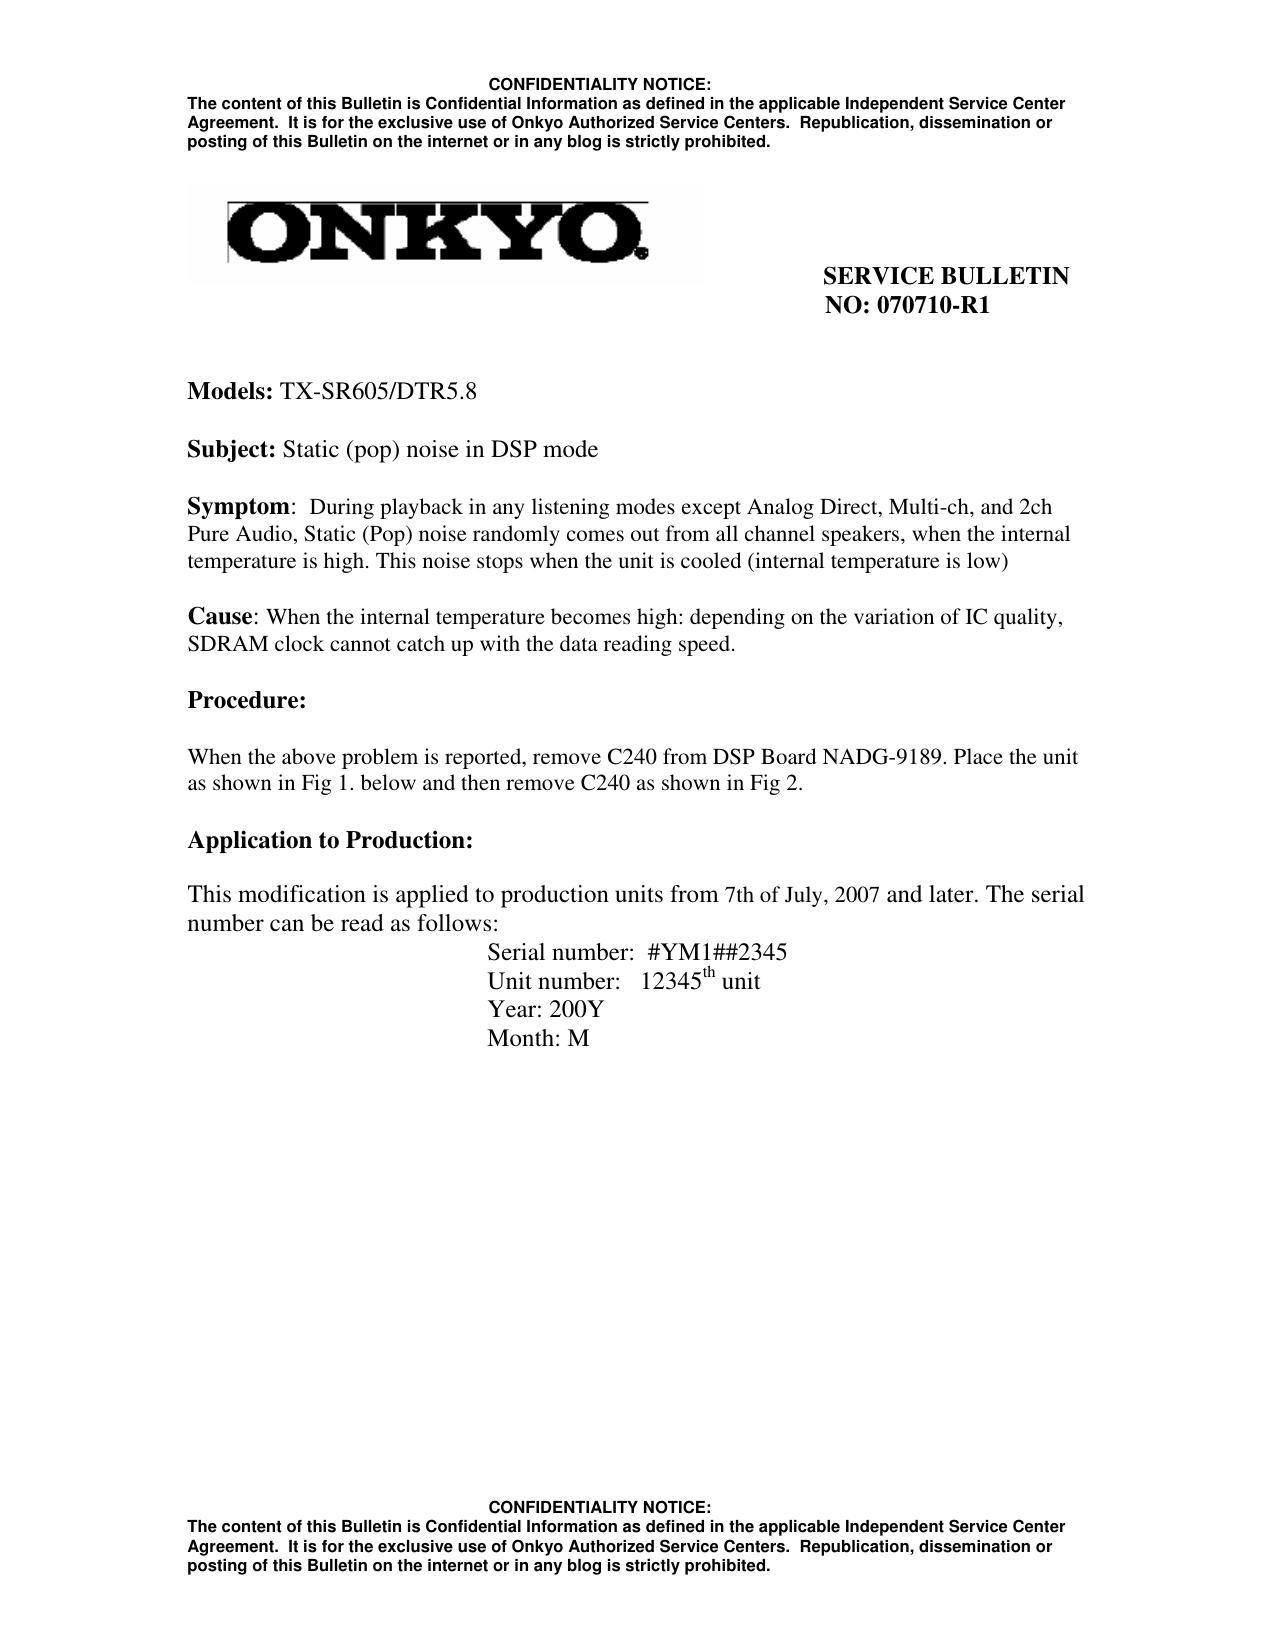 ... Array - mhf4u0 solution manual nelson rh emailcanvas com br